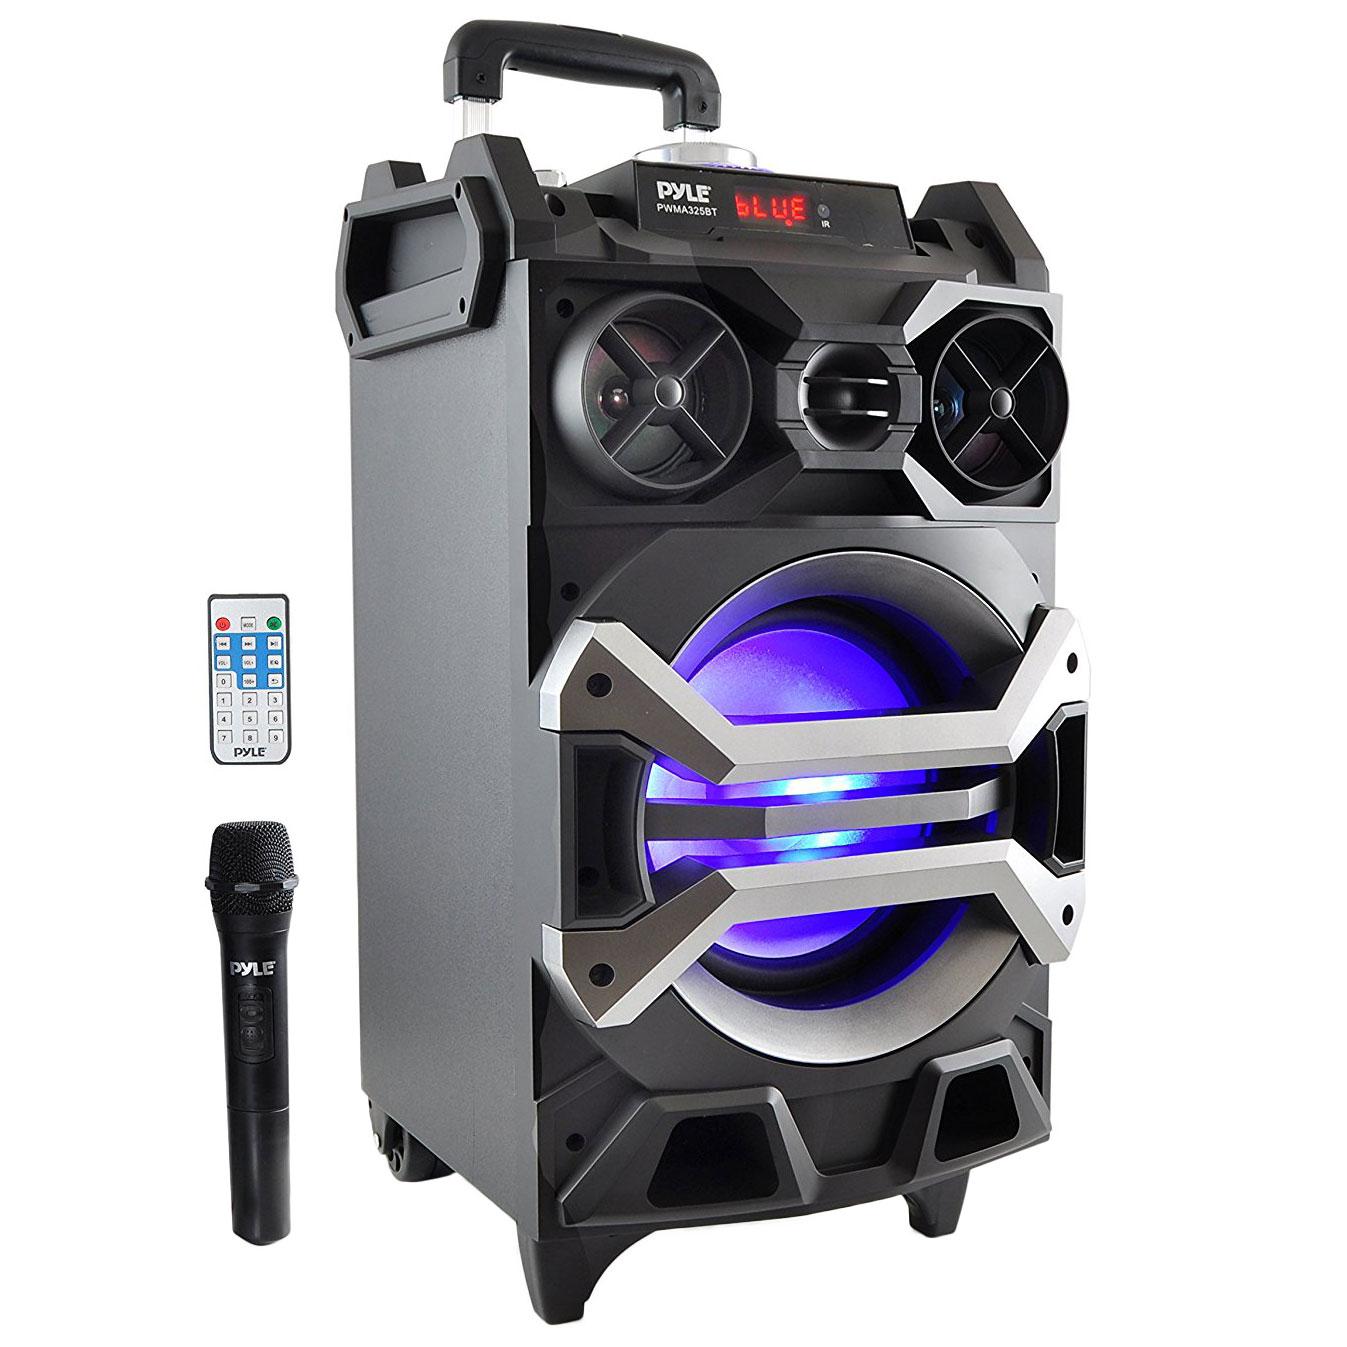 Pyle pa loudspeaker portable bluetooth karaoke system w for Porta wireless